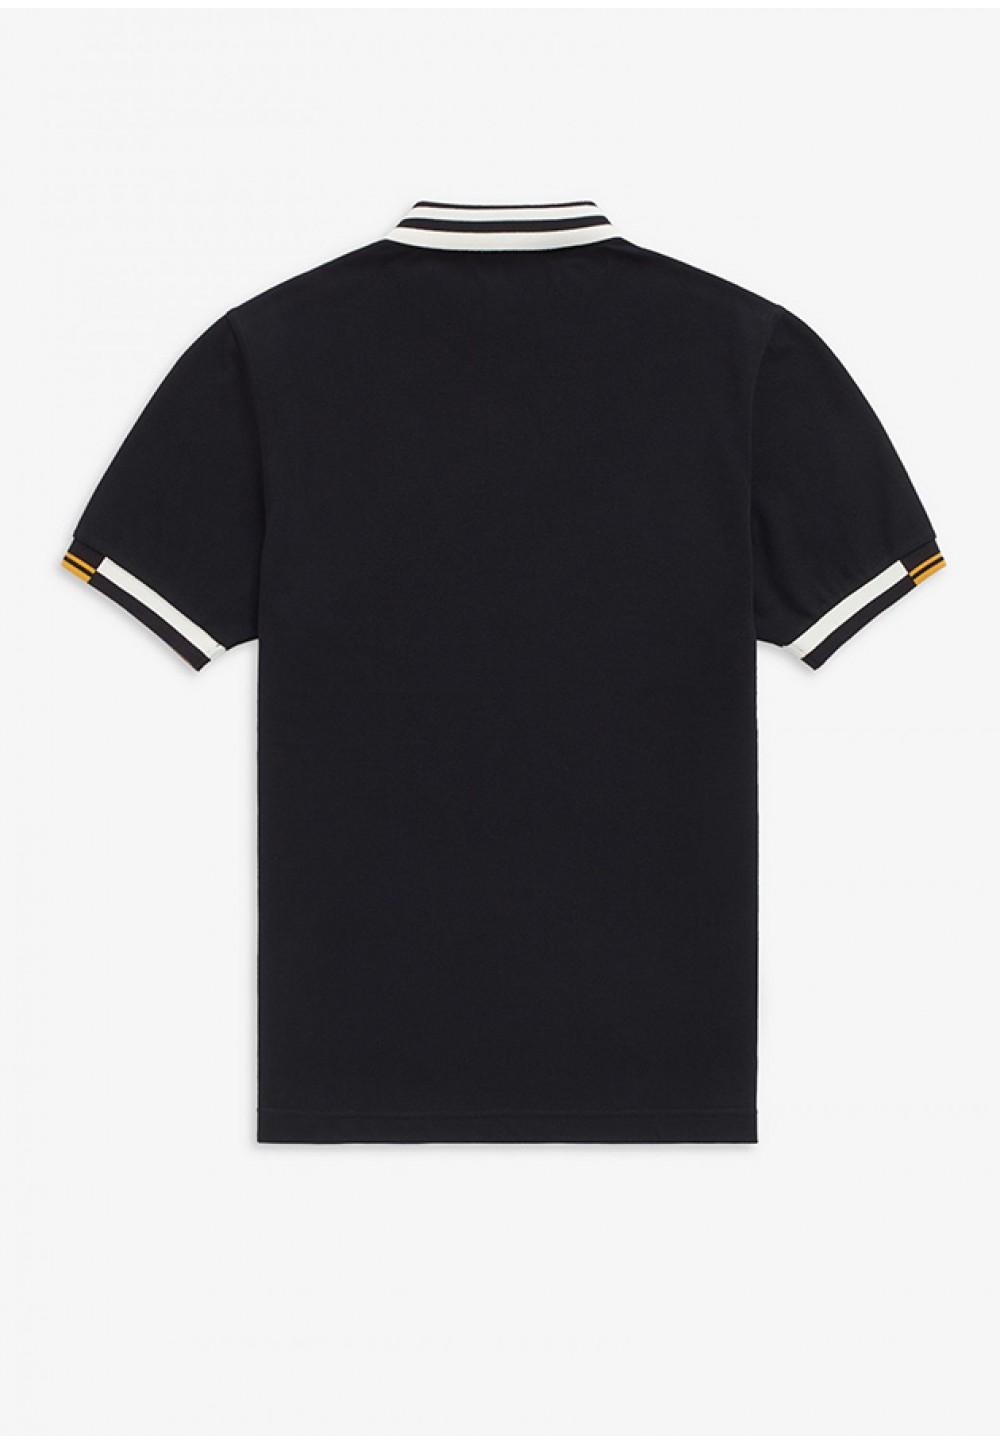 Черная футболка поло с белым воротником